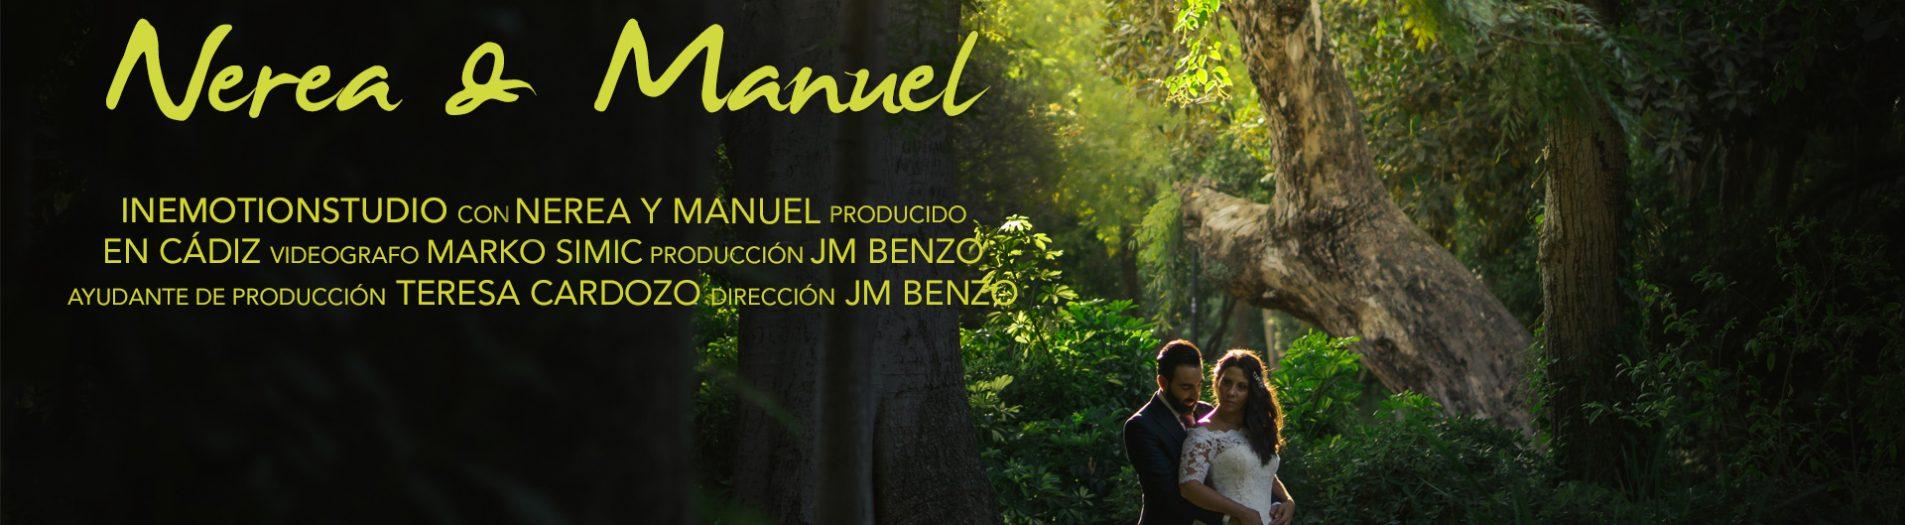 Nerea & Manuel en La Linea de la Concepción